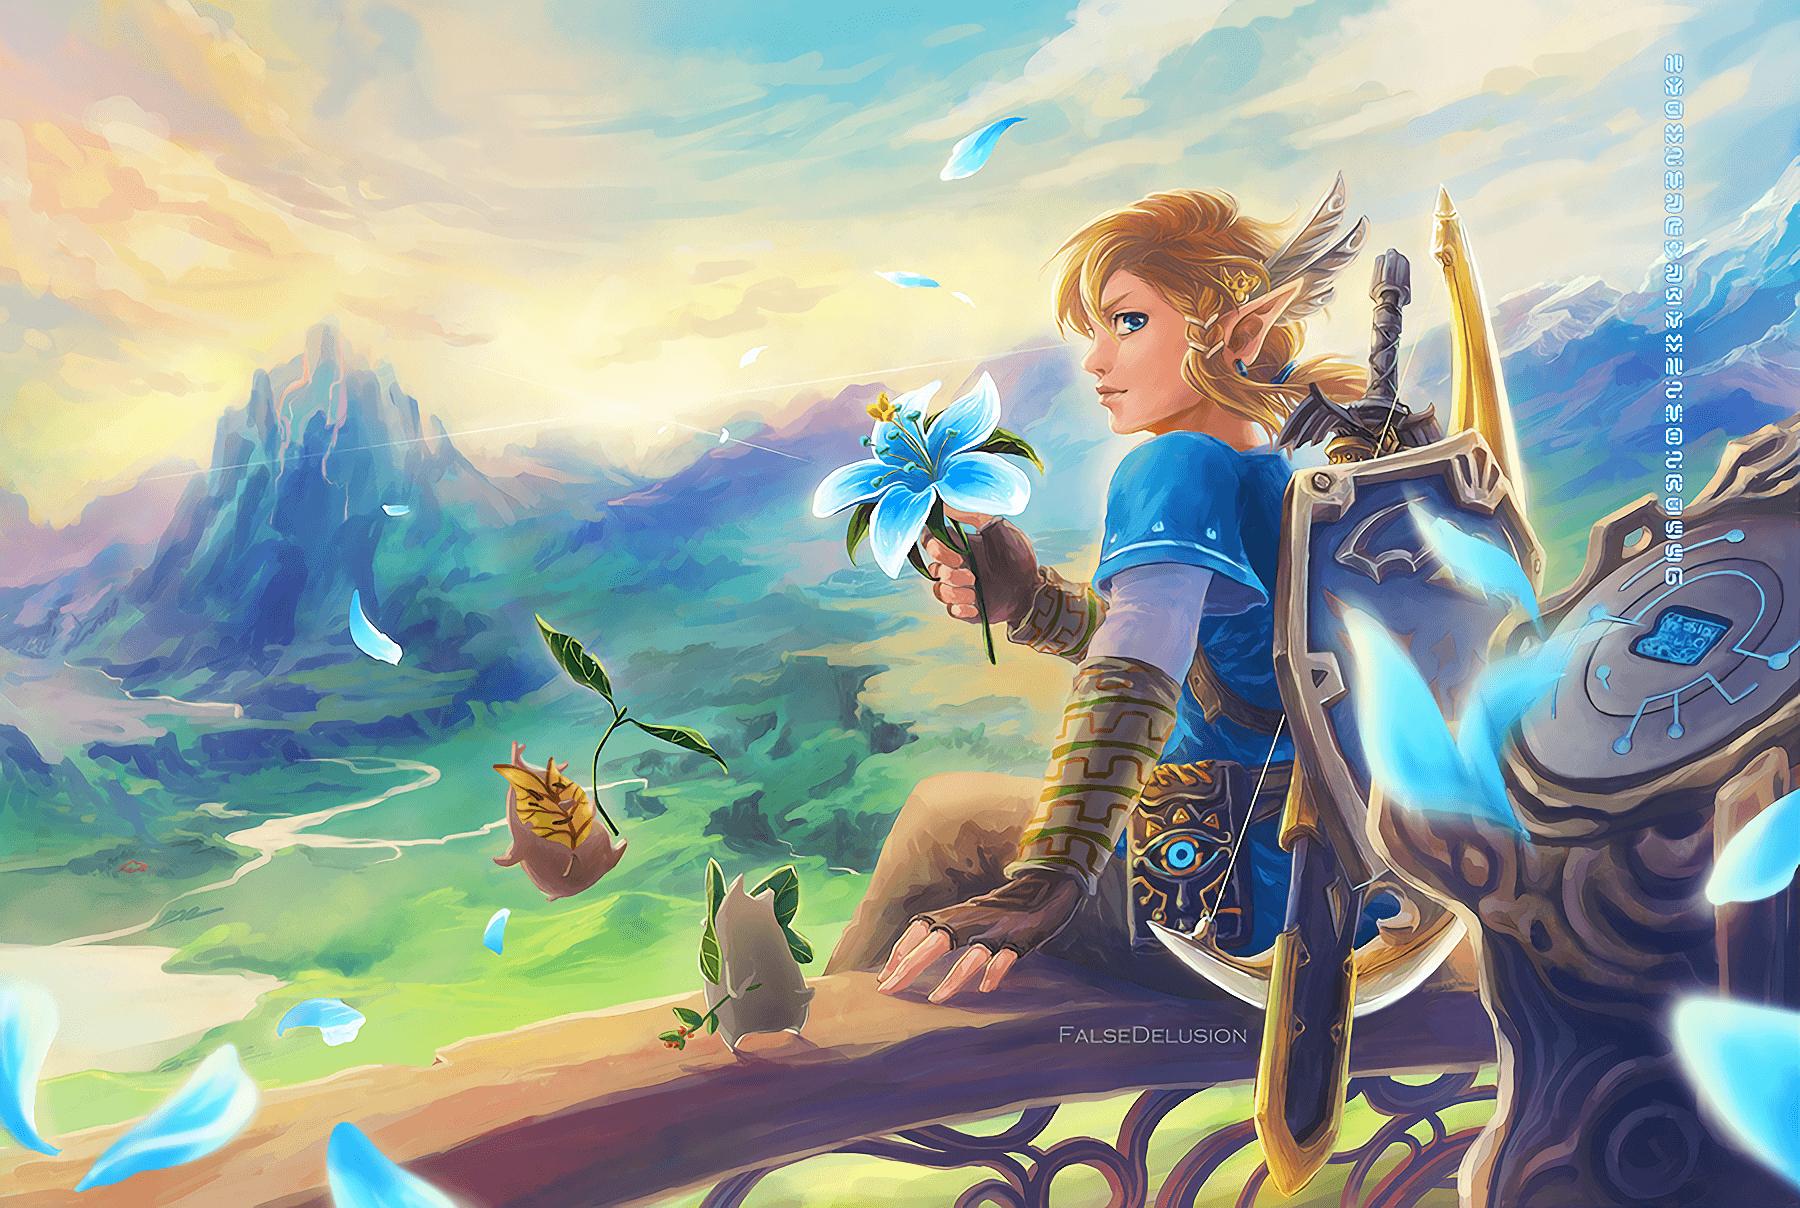 The Legend Of Zelda Botw Wallpapers Wallpaper Cave